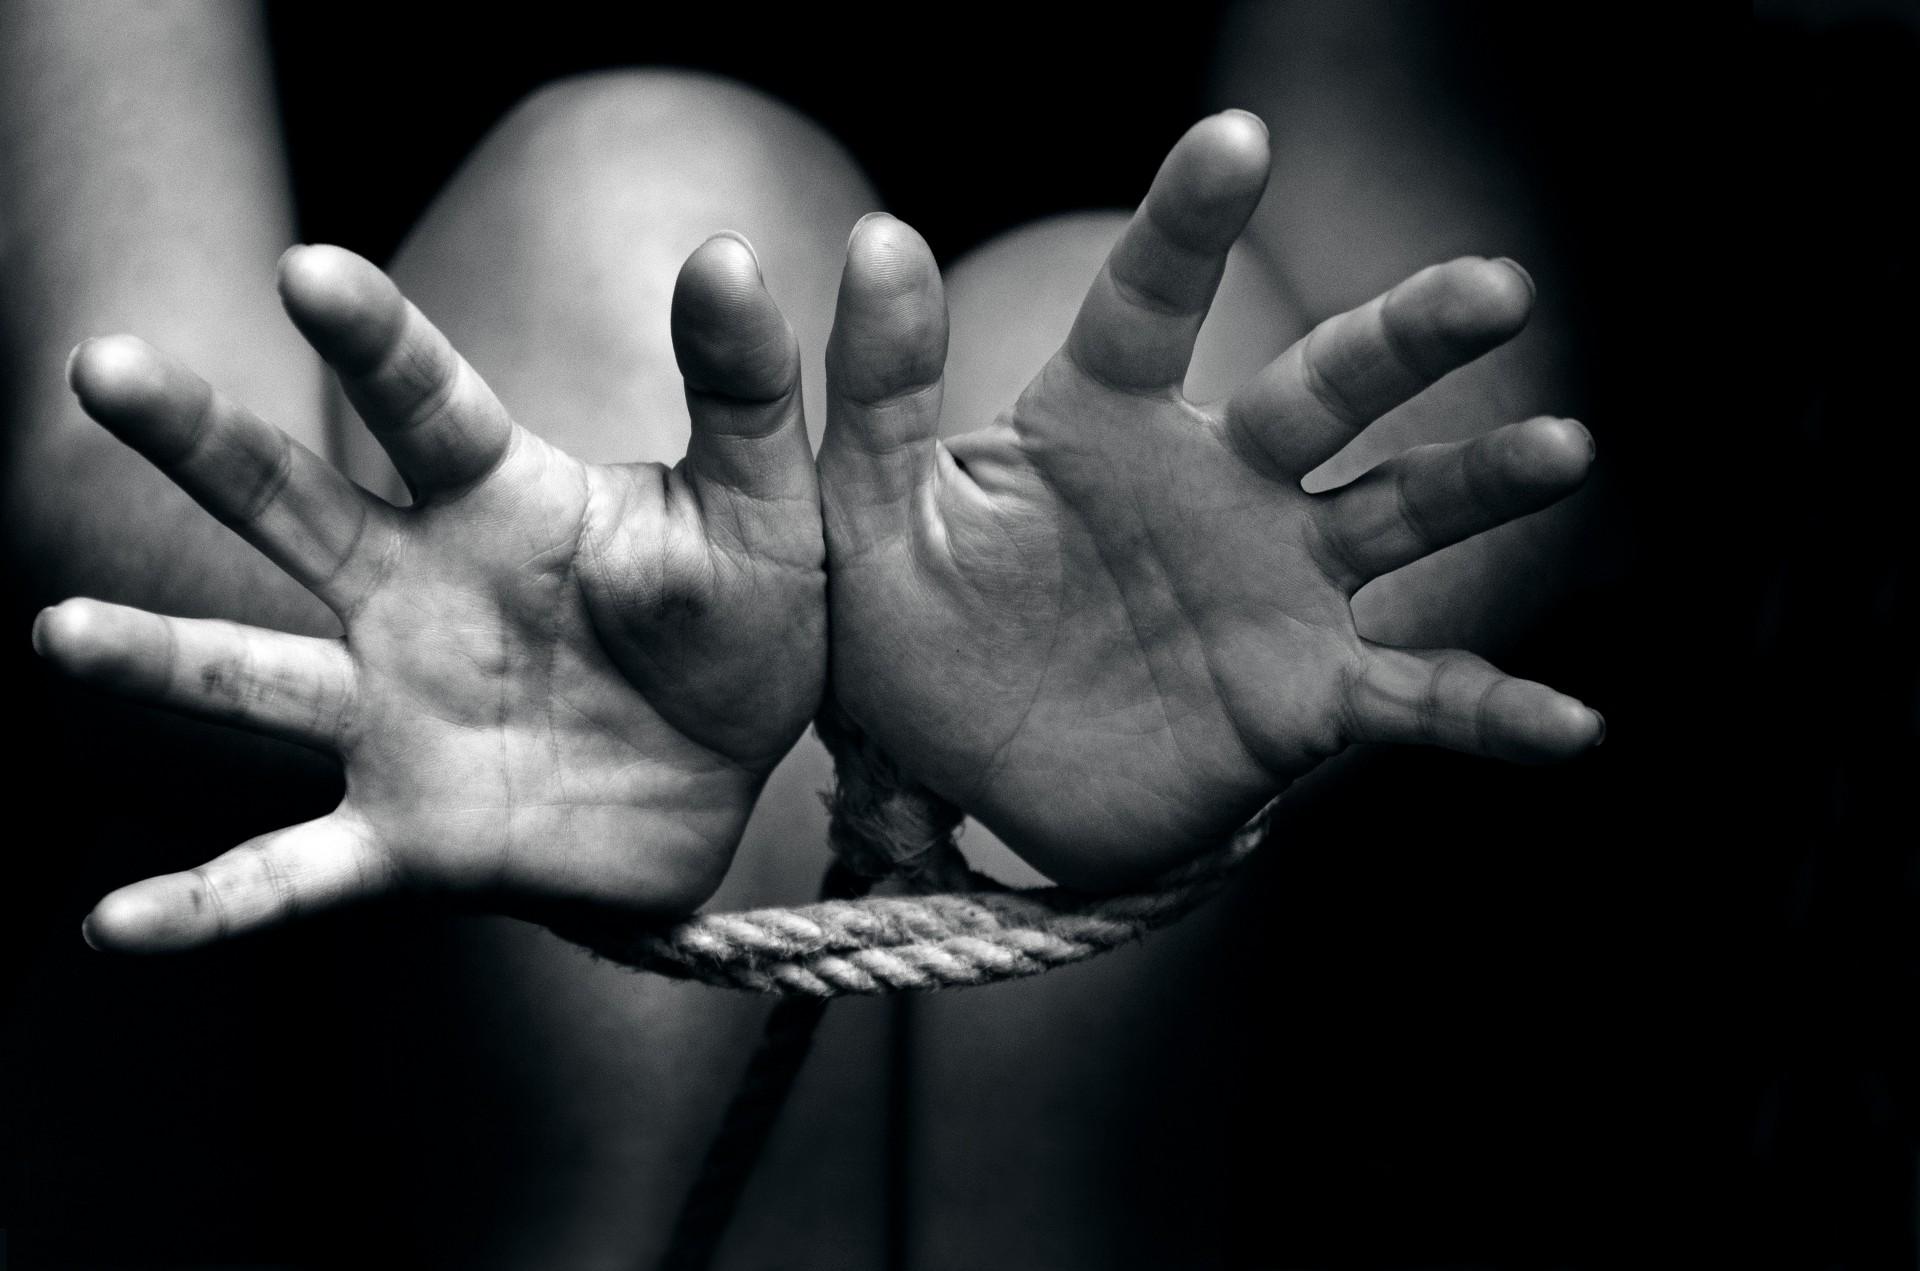 human-trafficking-rise